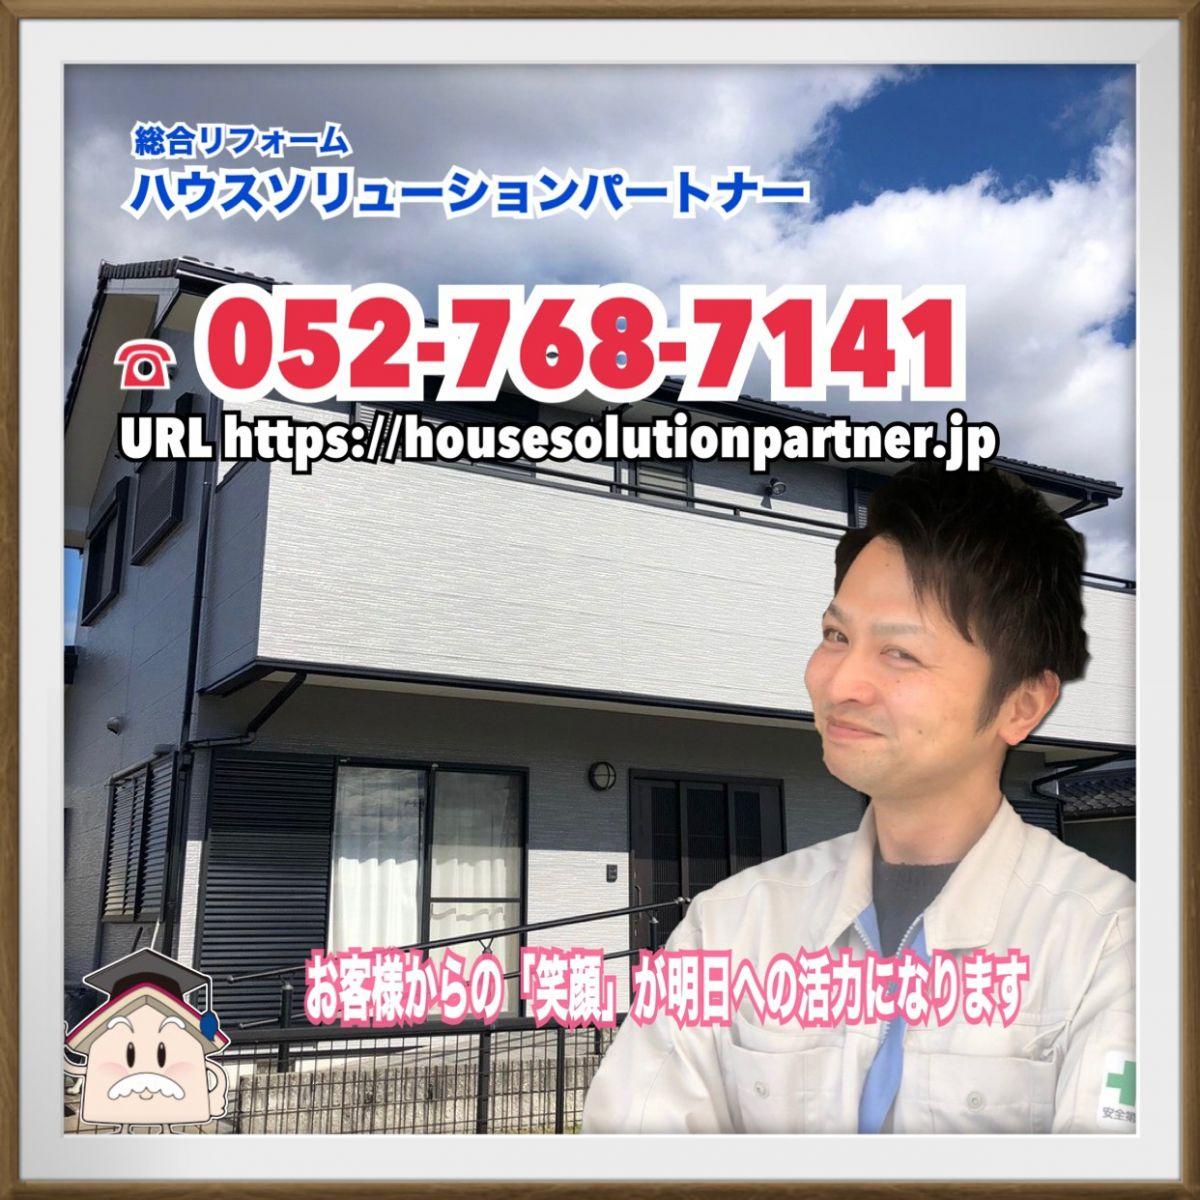 jirei_image53497